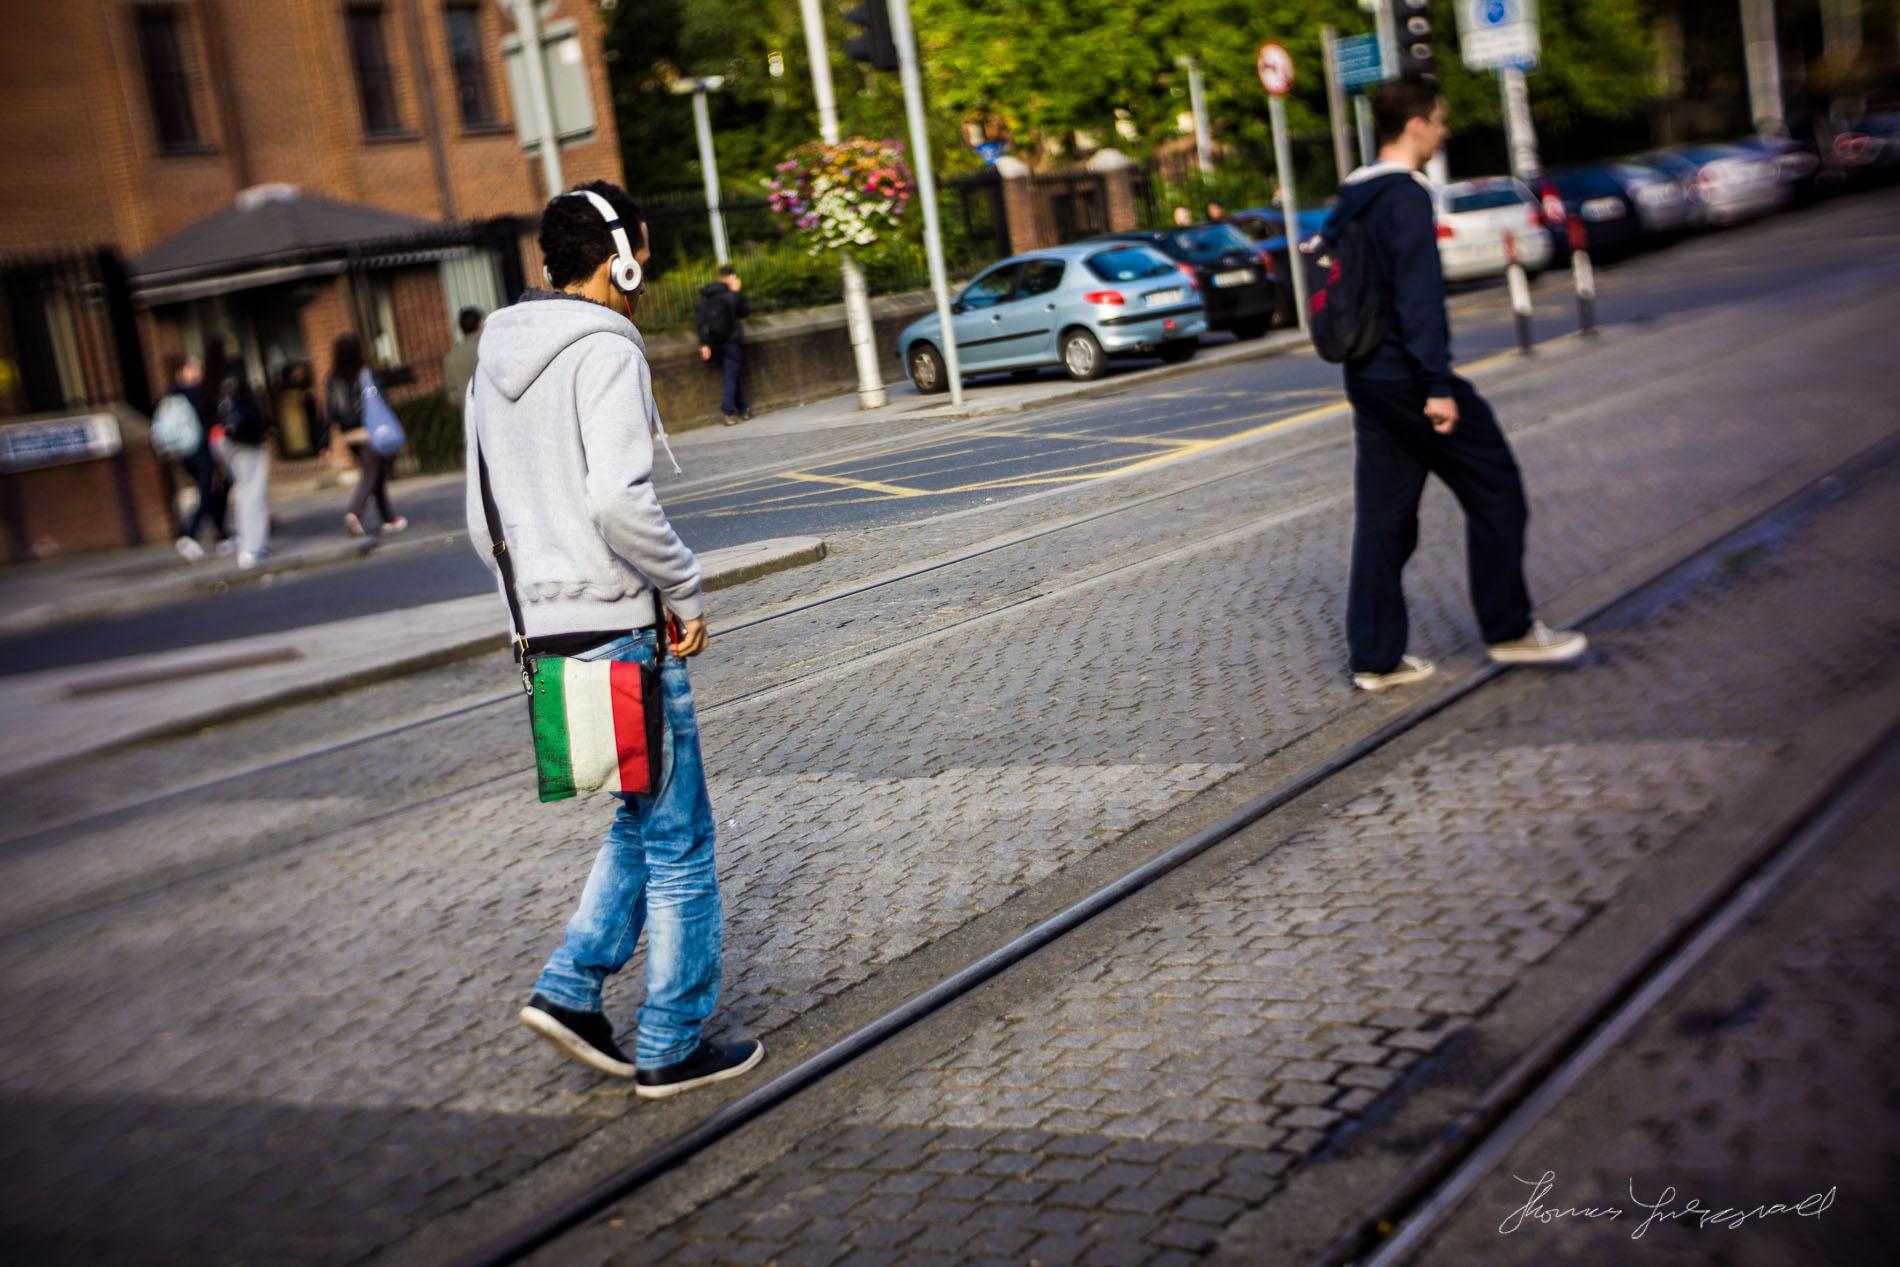 italian bag guy taken with 35mm slr magic lens on nex 7